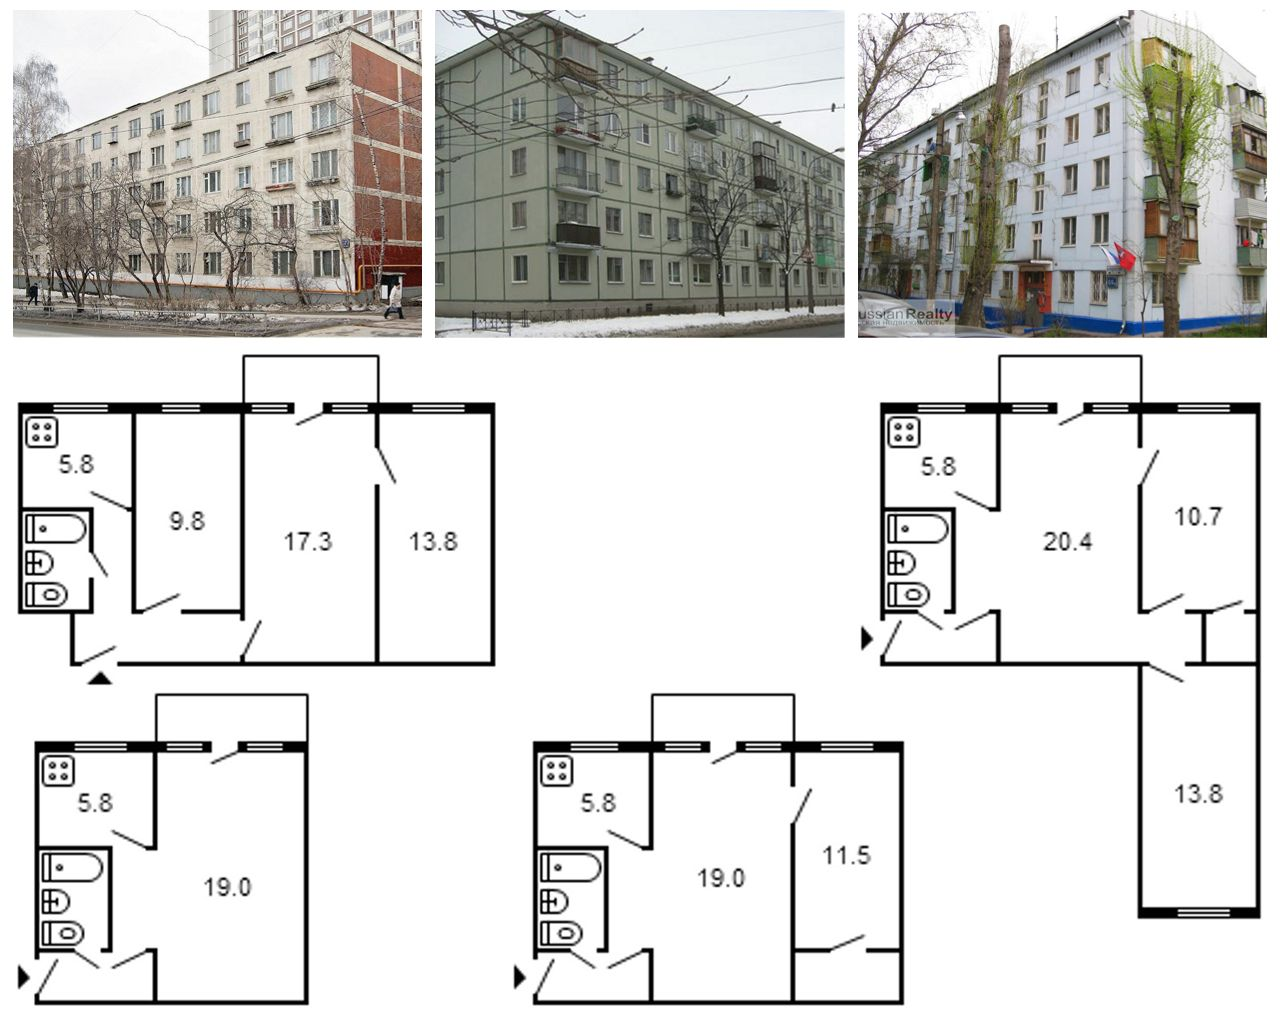 Незаконная перепланировка квартиры: ответственность